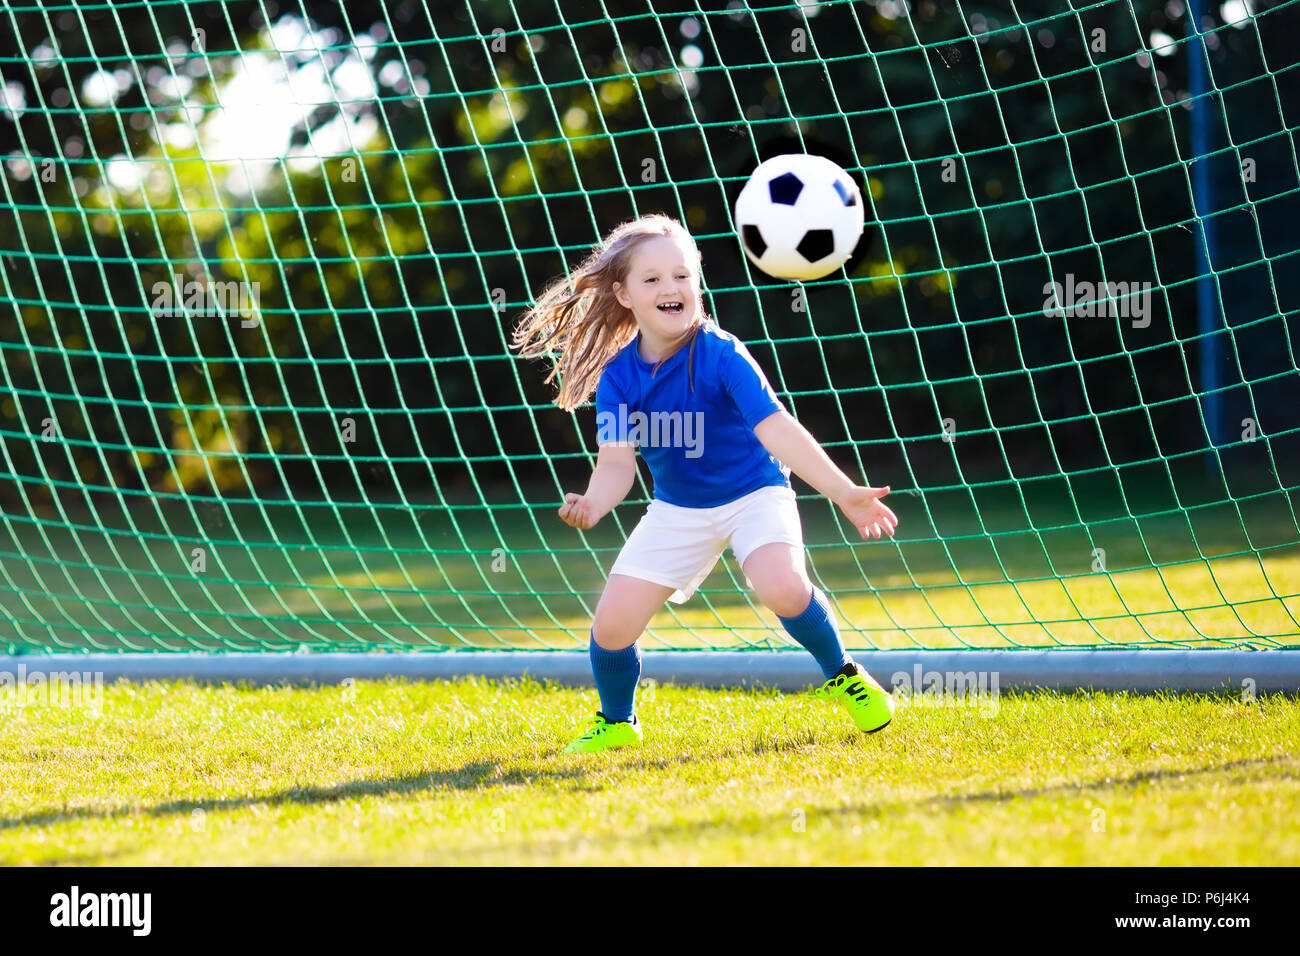 Los niños juegan al fútbol en el campo al aire libre. Los niños un gol bef43719a407c